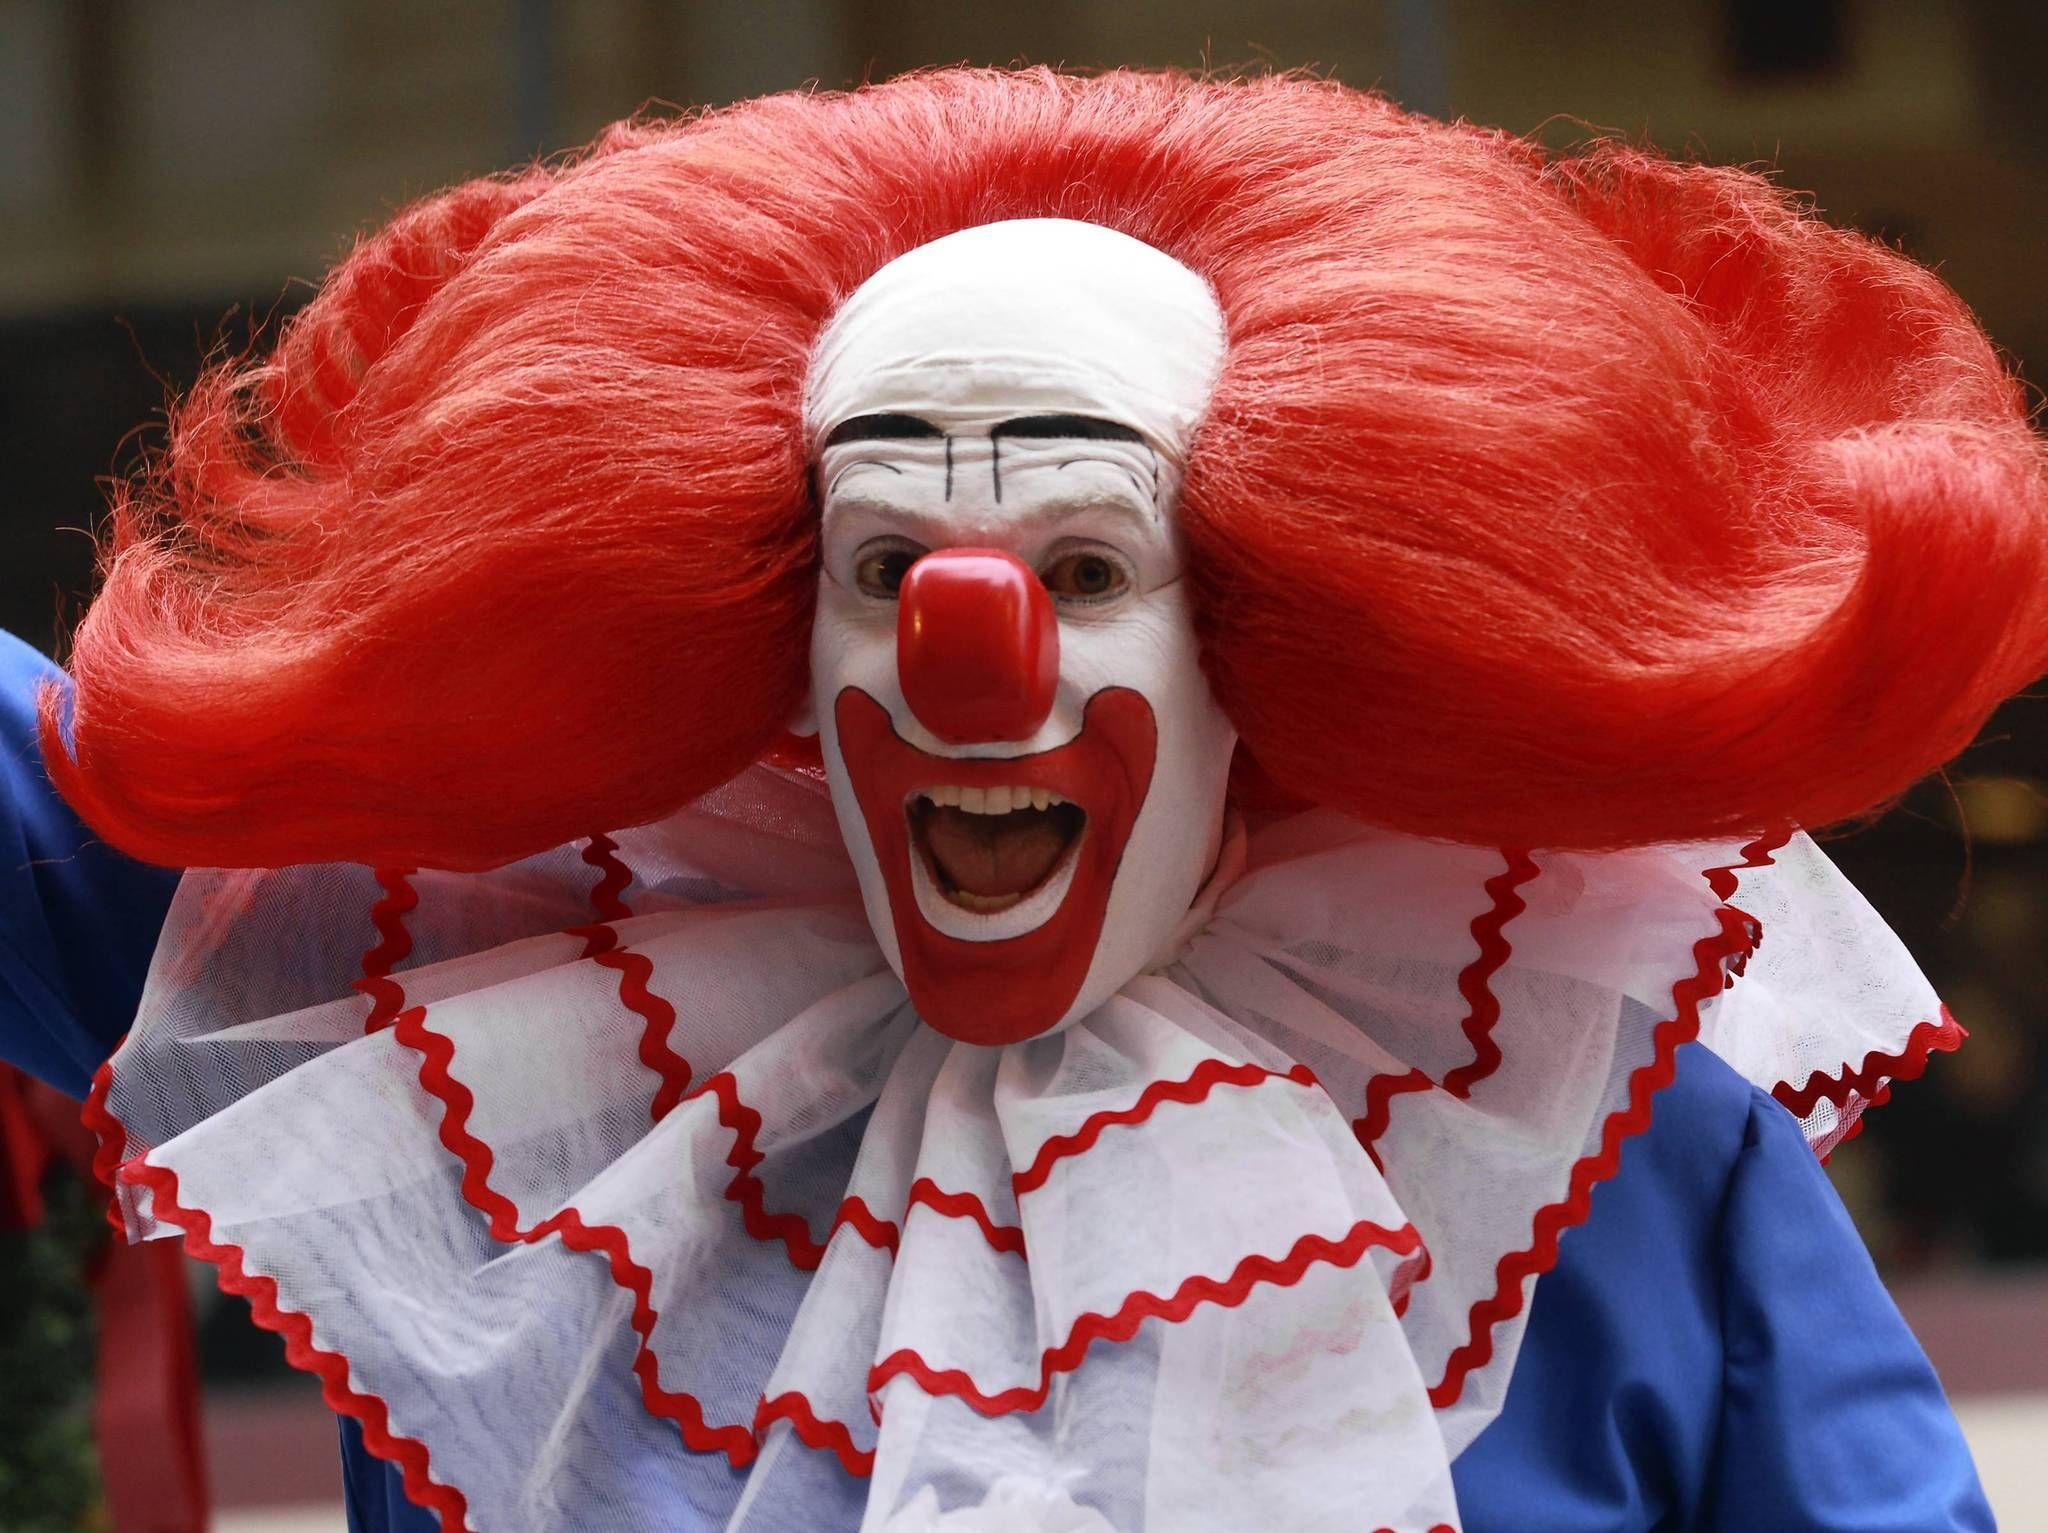 Who's your favorite clown? | Bozo the clown, Clown hair, Clown photos